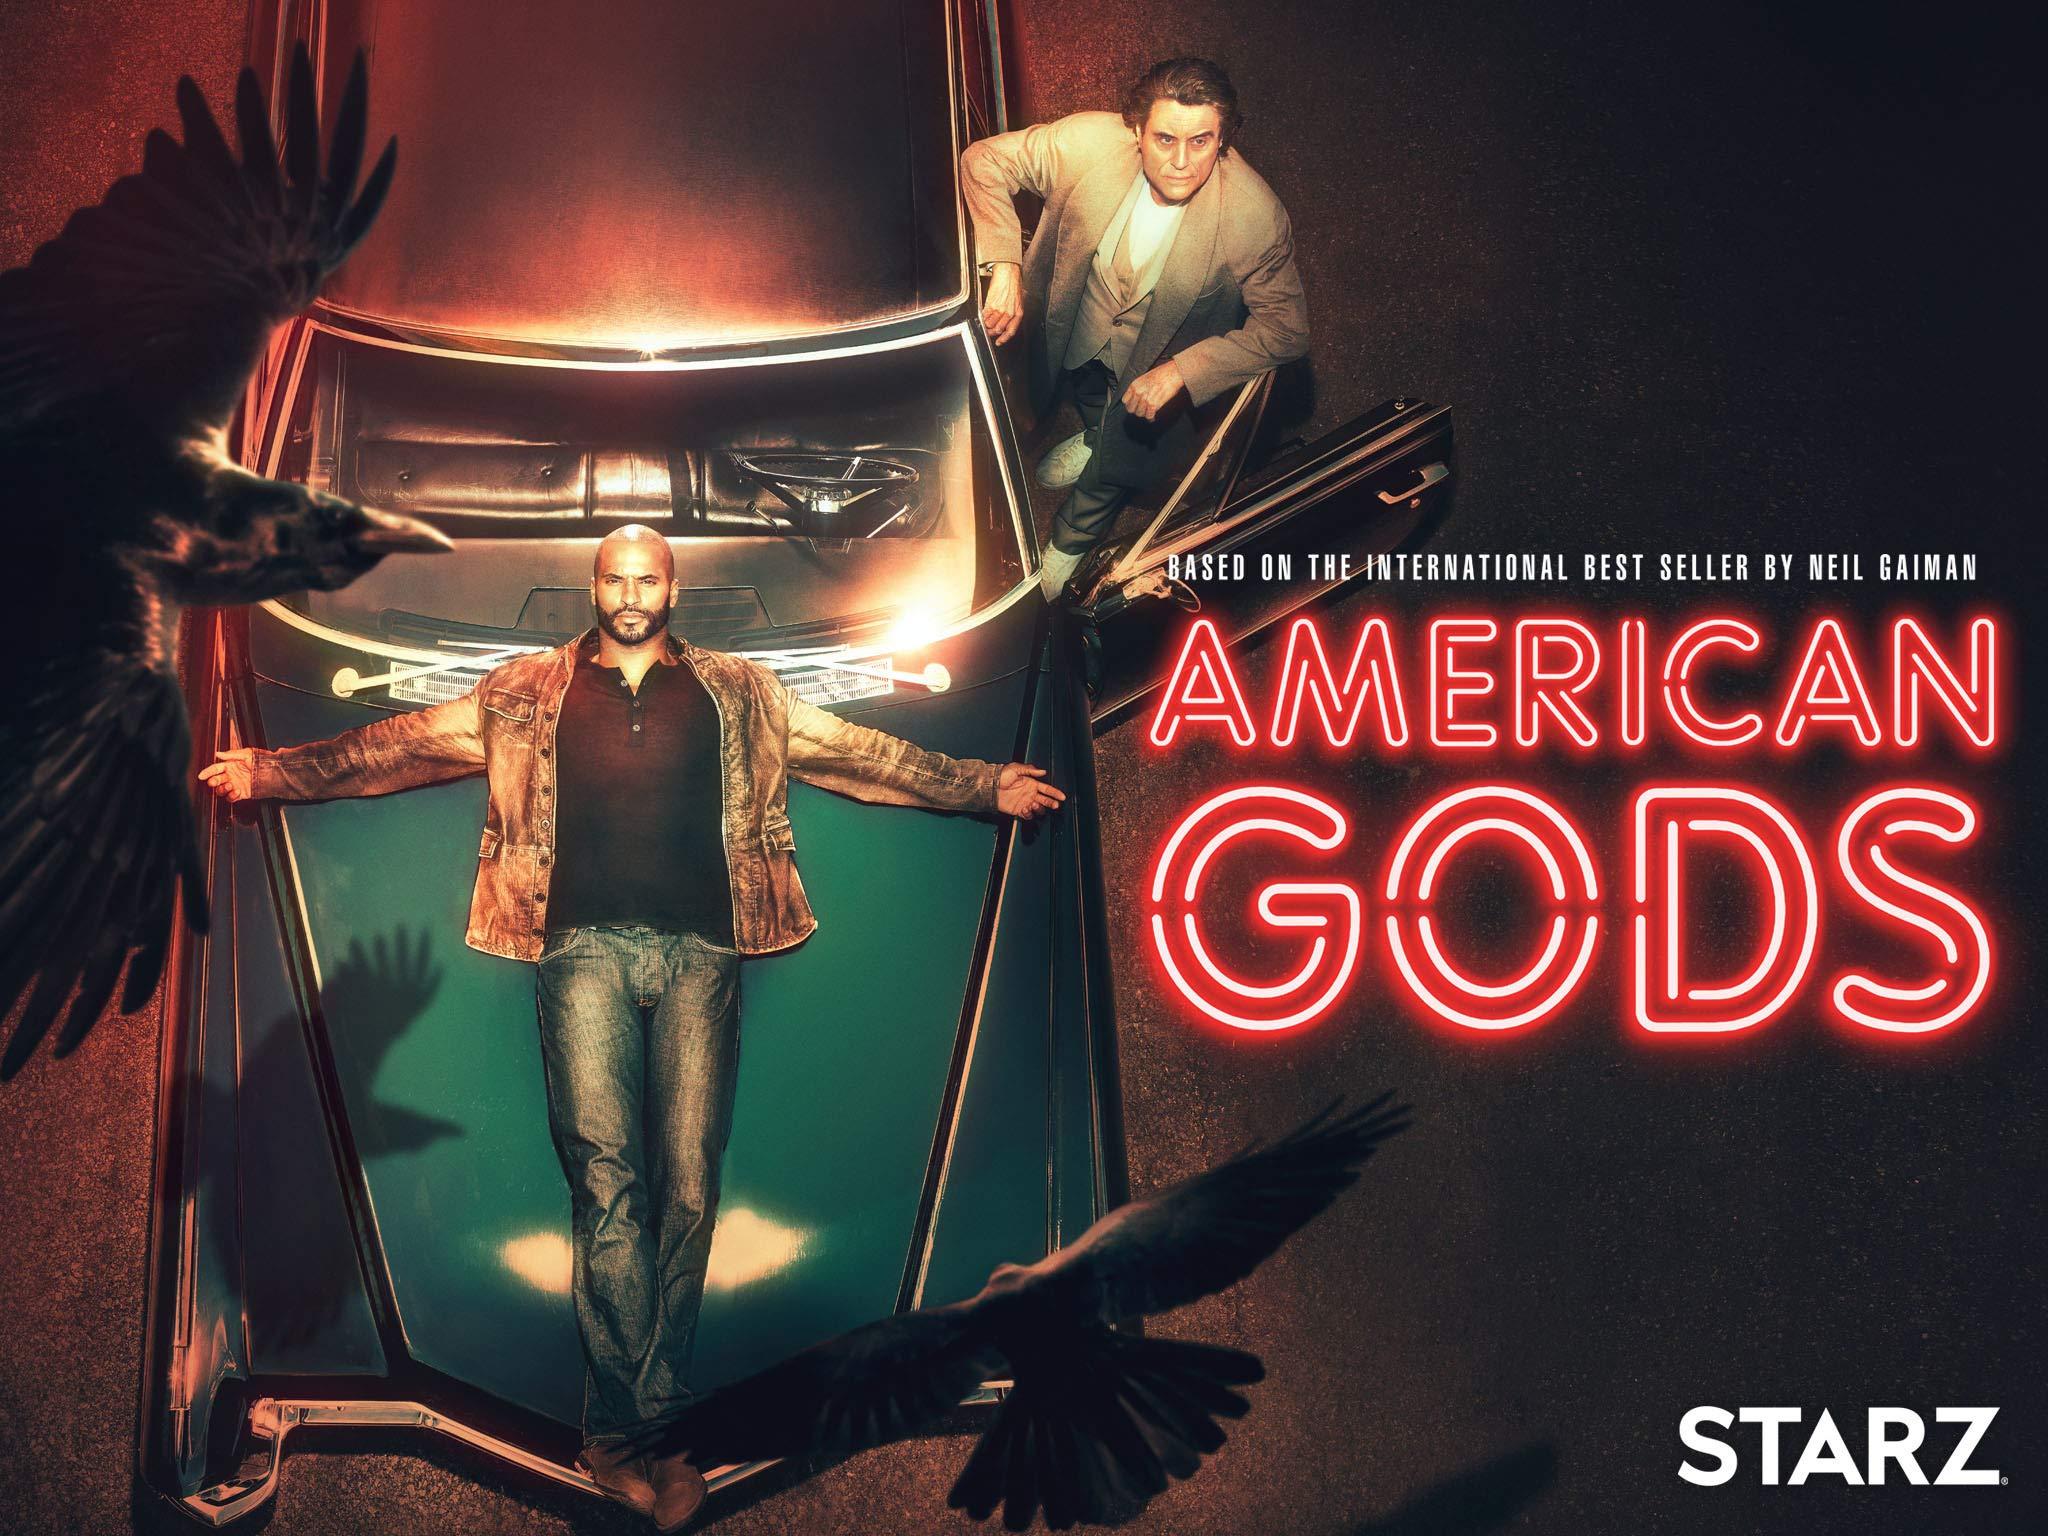 watch american gods season 1 online free